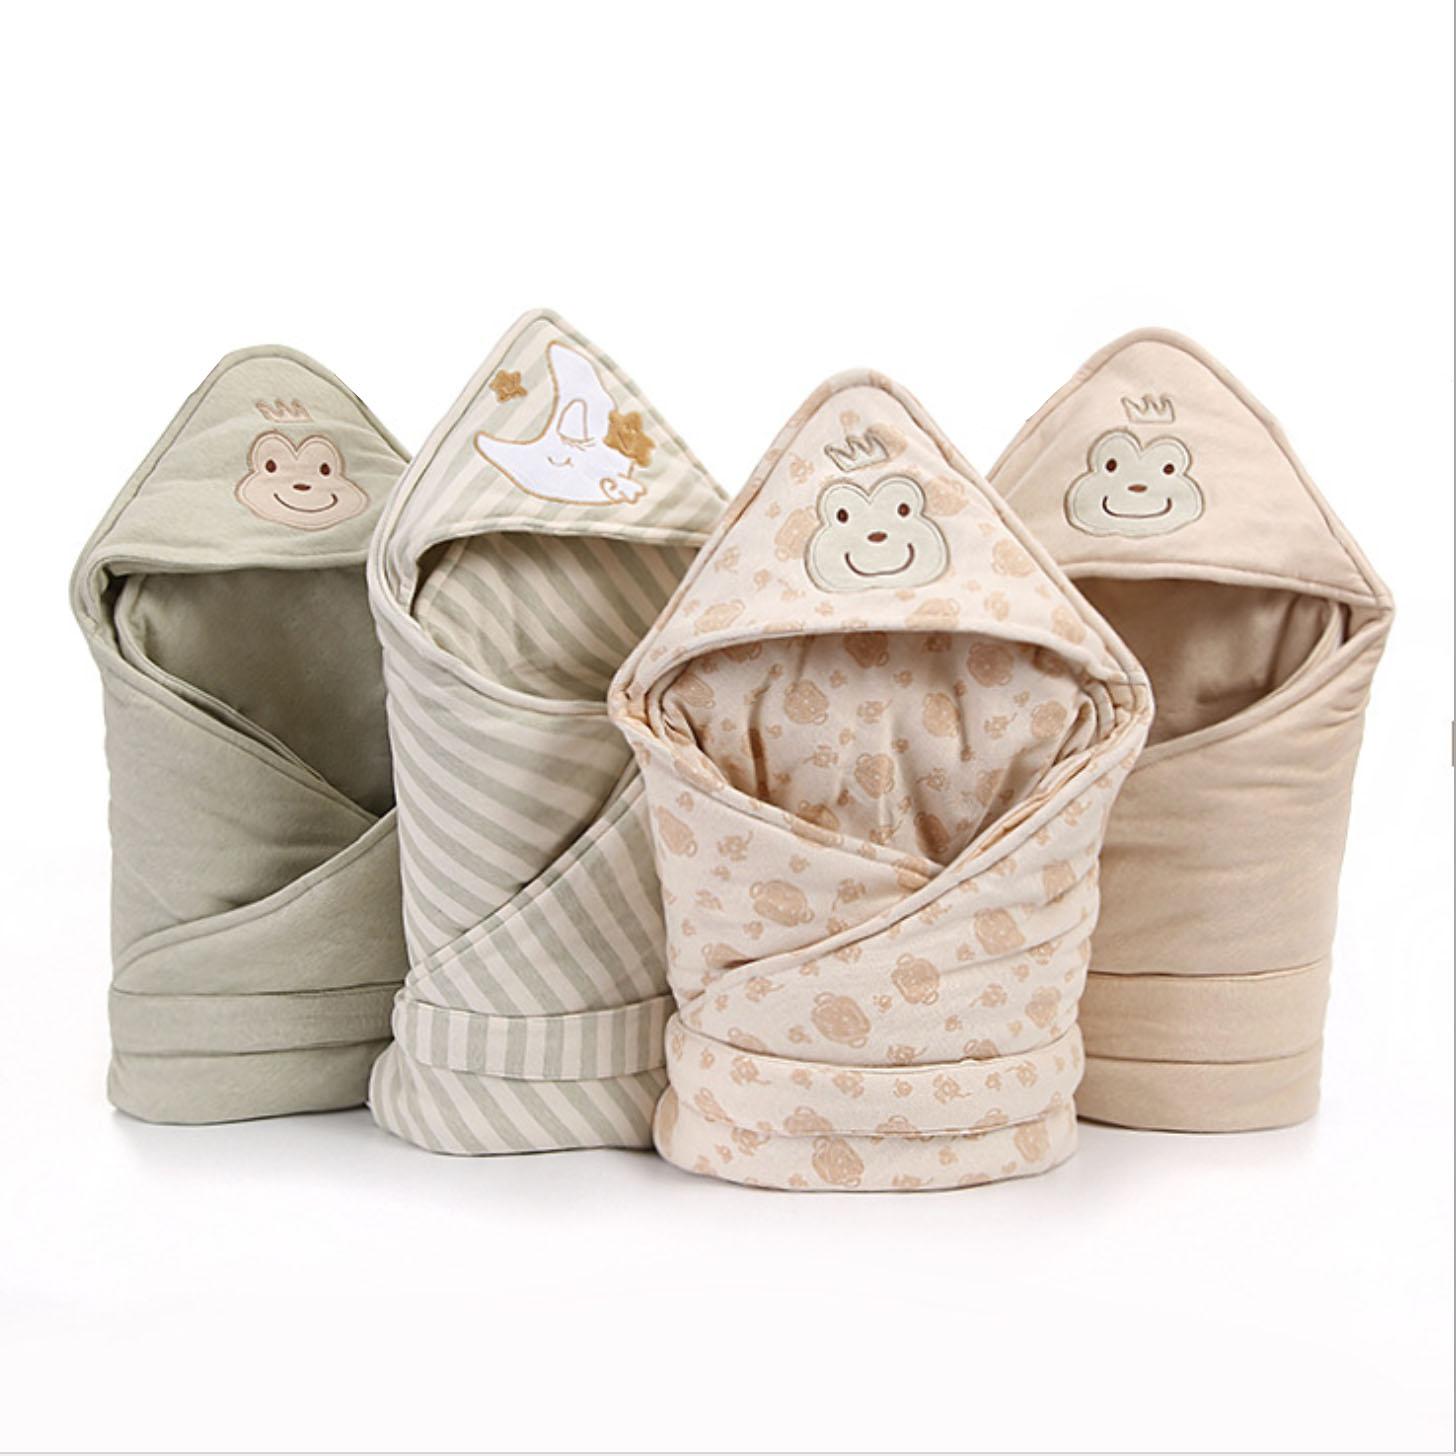 海娜森婴儿彩棉抱被春夏款新生儿包被秋冬季抱毯加厚纯棉宝宝用品